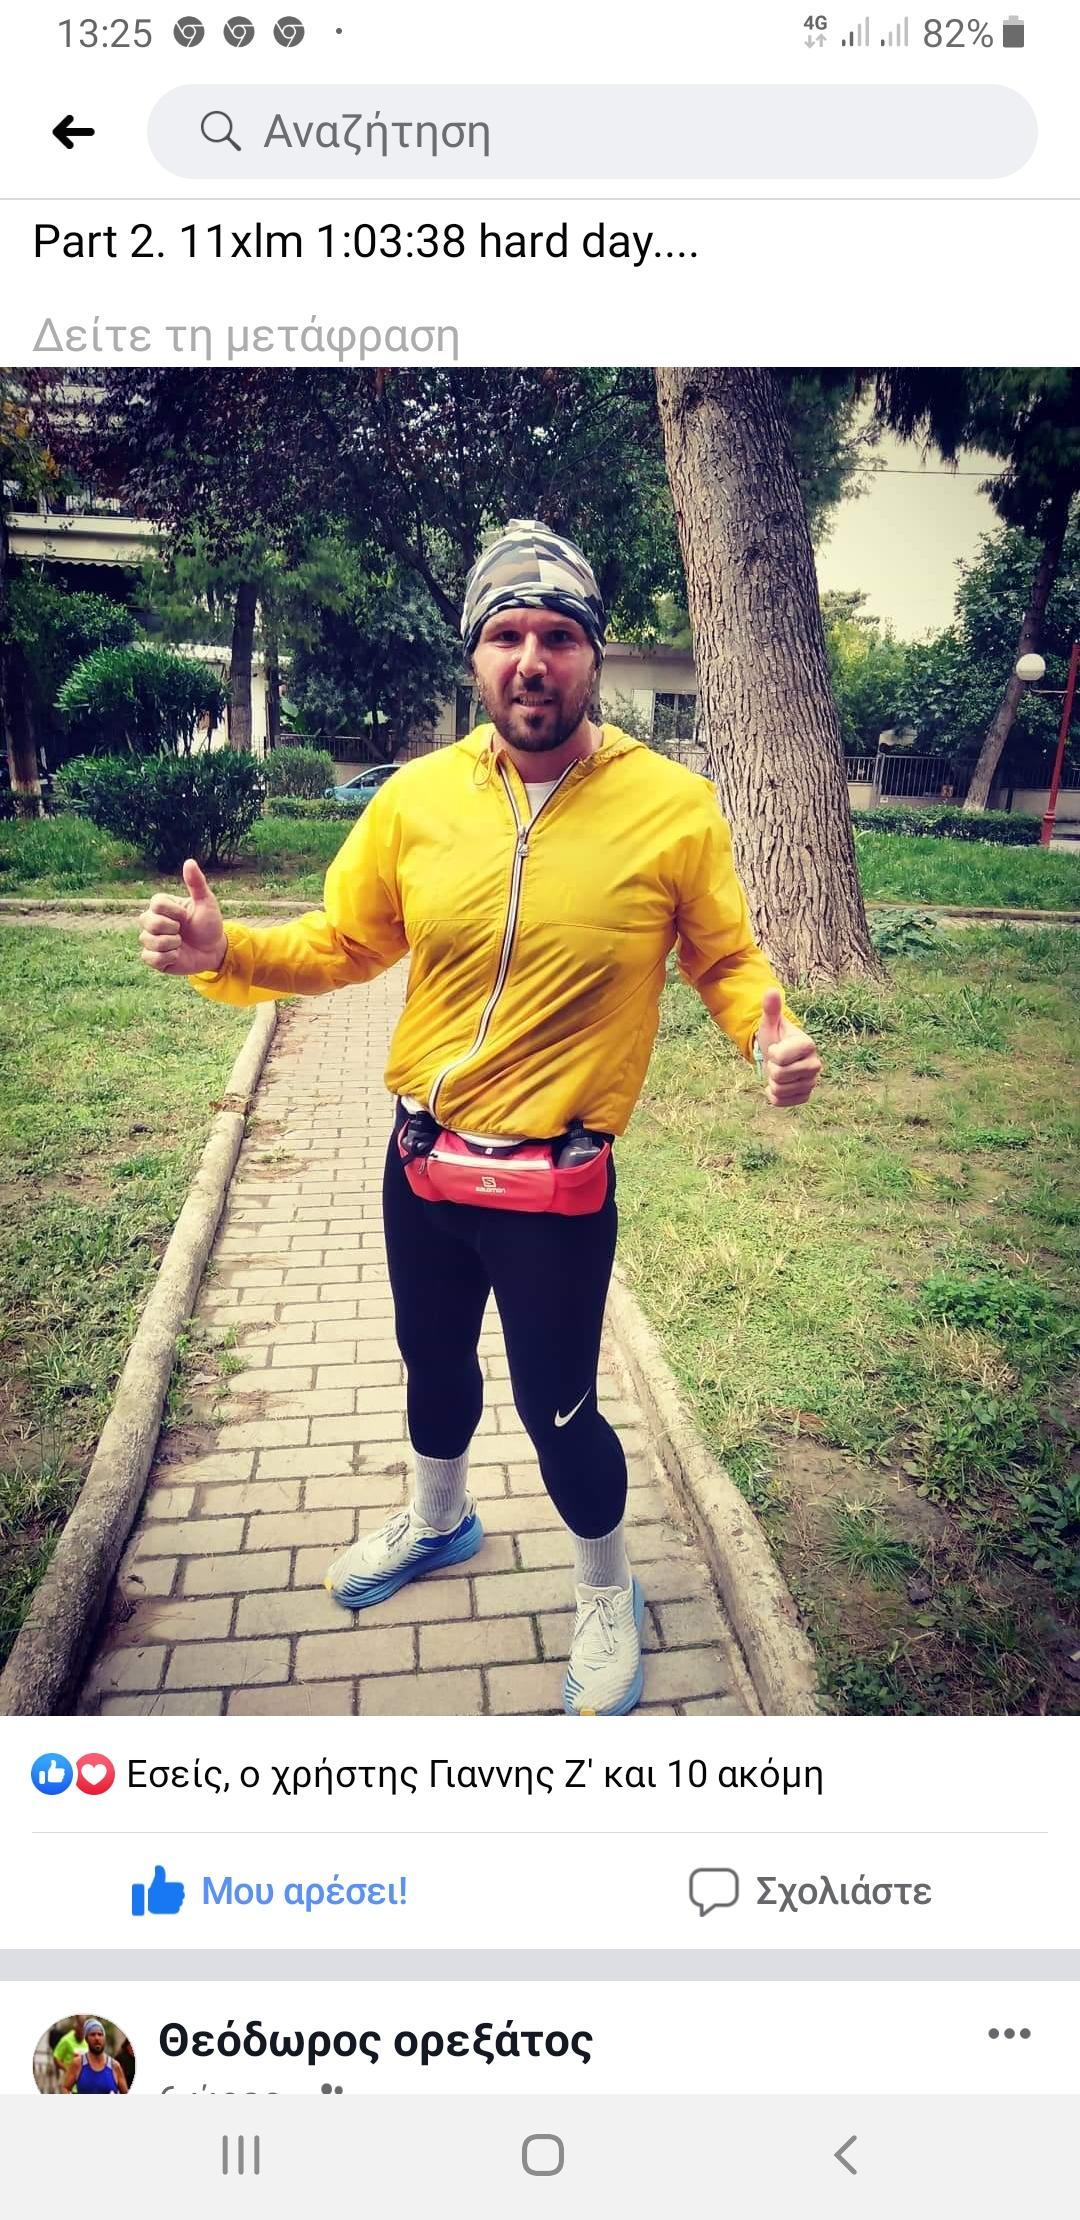 """Ο Ηλείος υπερμαραθωνοδρόμος Θεόδωρος Σμέρος έλαβε μέρος και τερμάτισε στον Μαραθώνιο της Αθήνας - Προετοιμάζεται για τον μεγάλο αγώνα του """"Ευχίδη"""""""